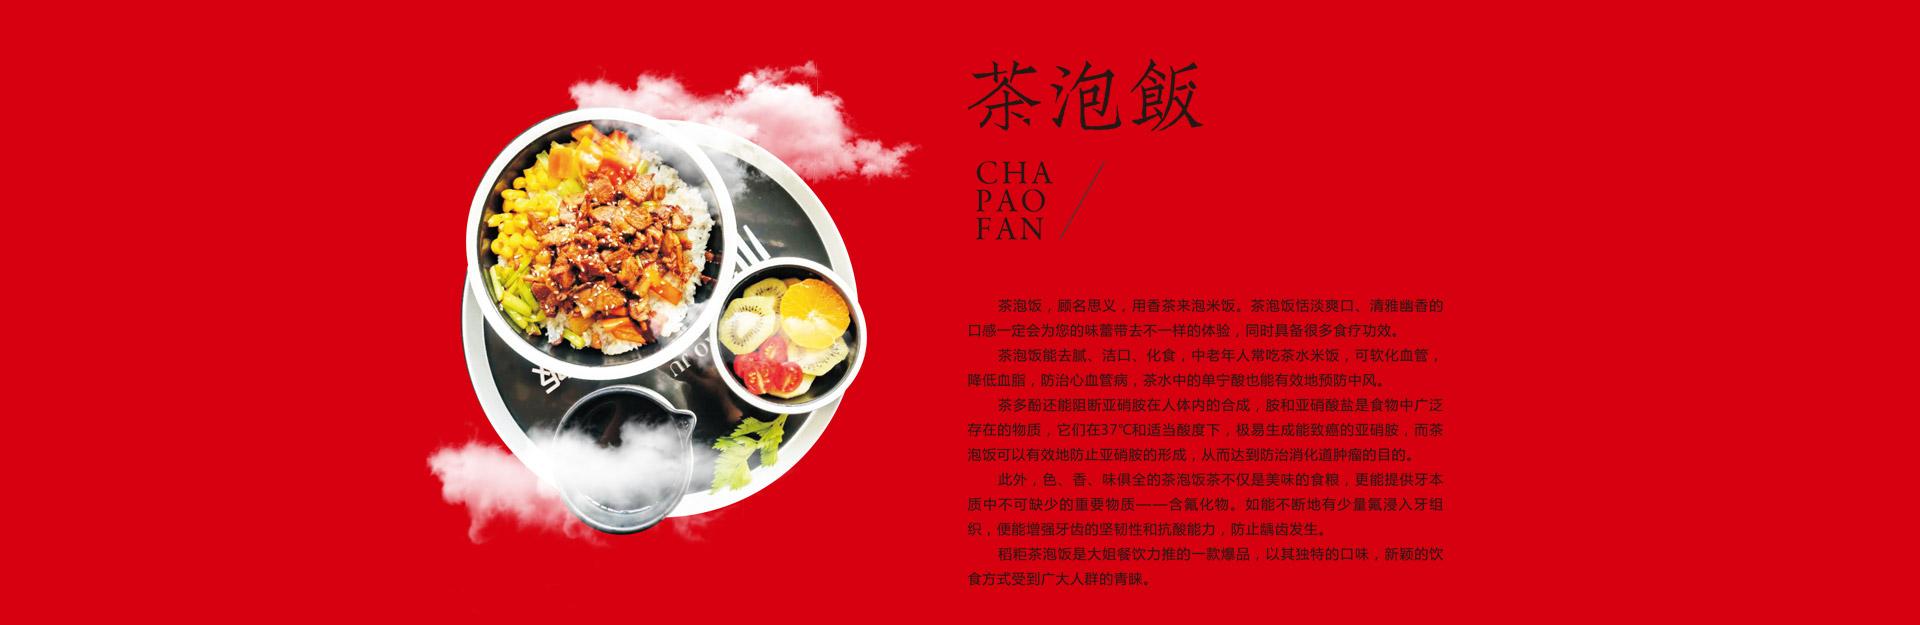 稻粔茶泡饭合作